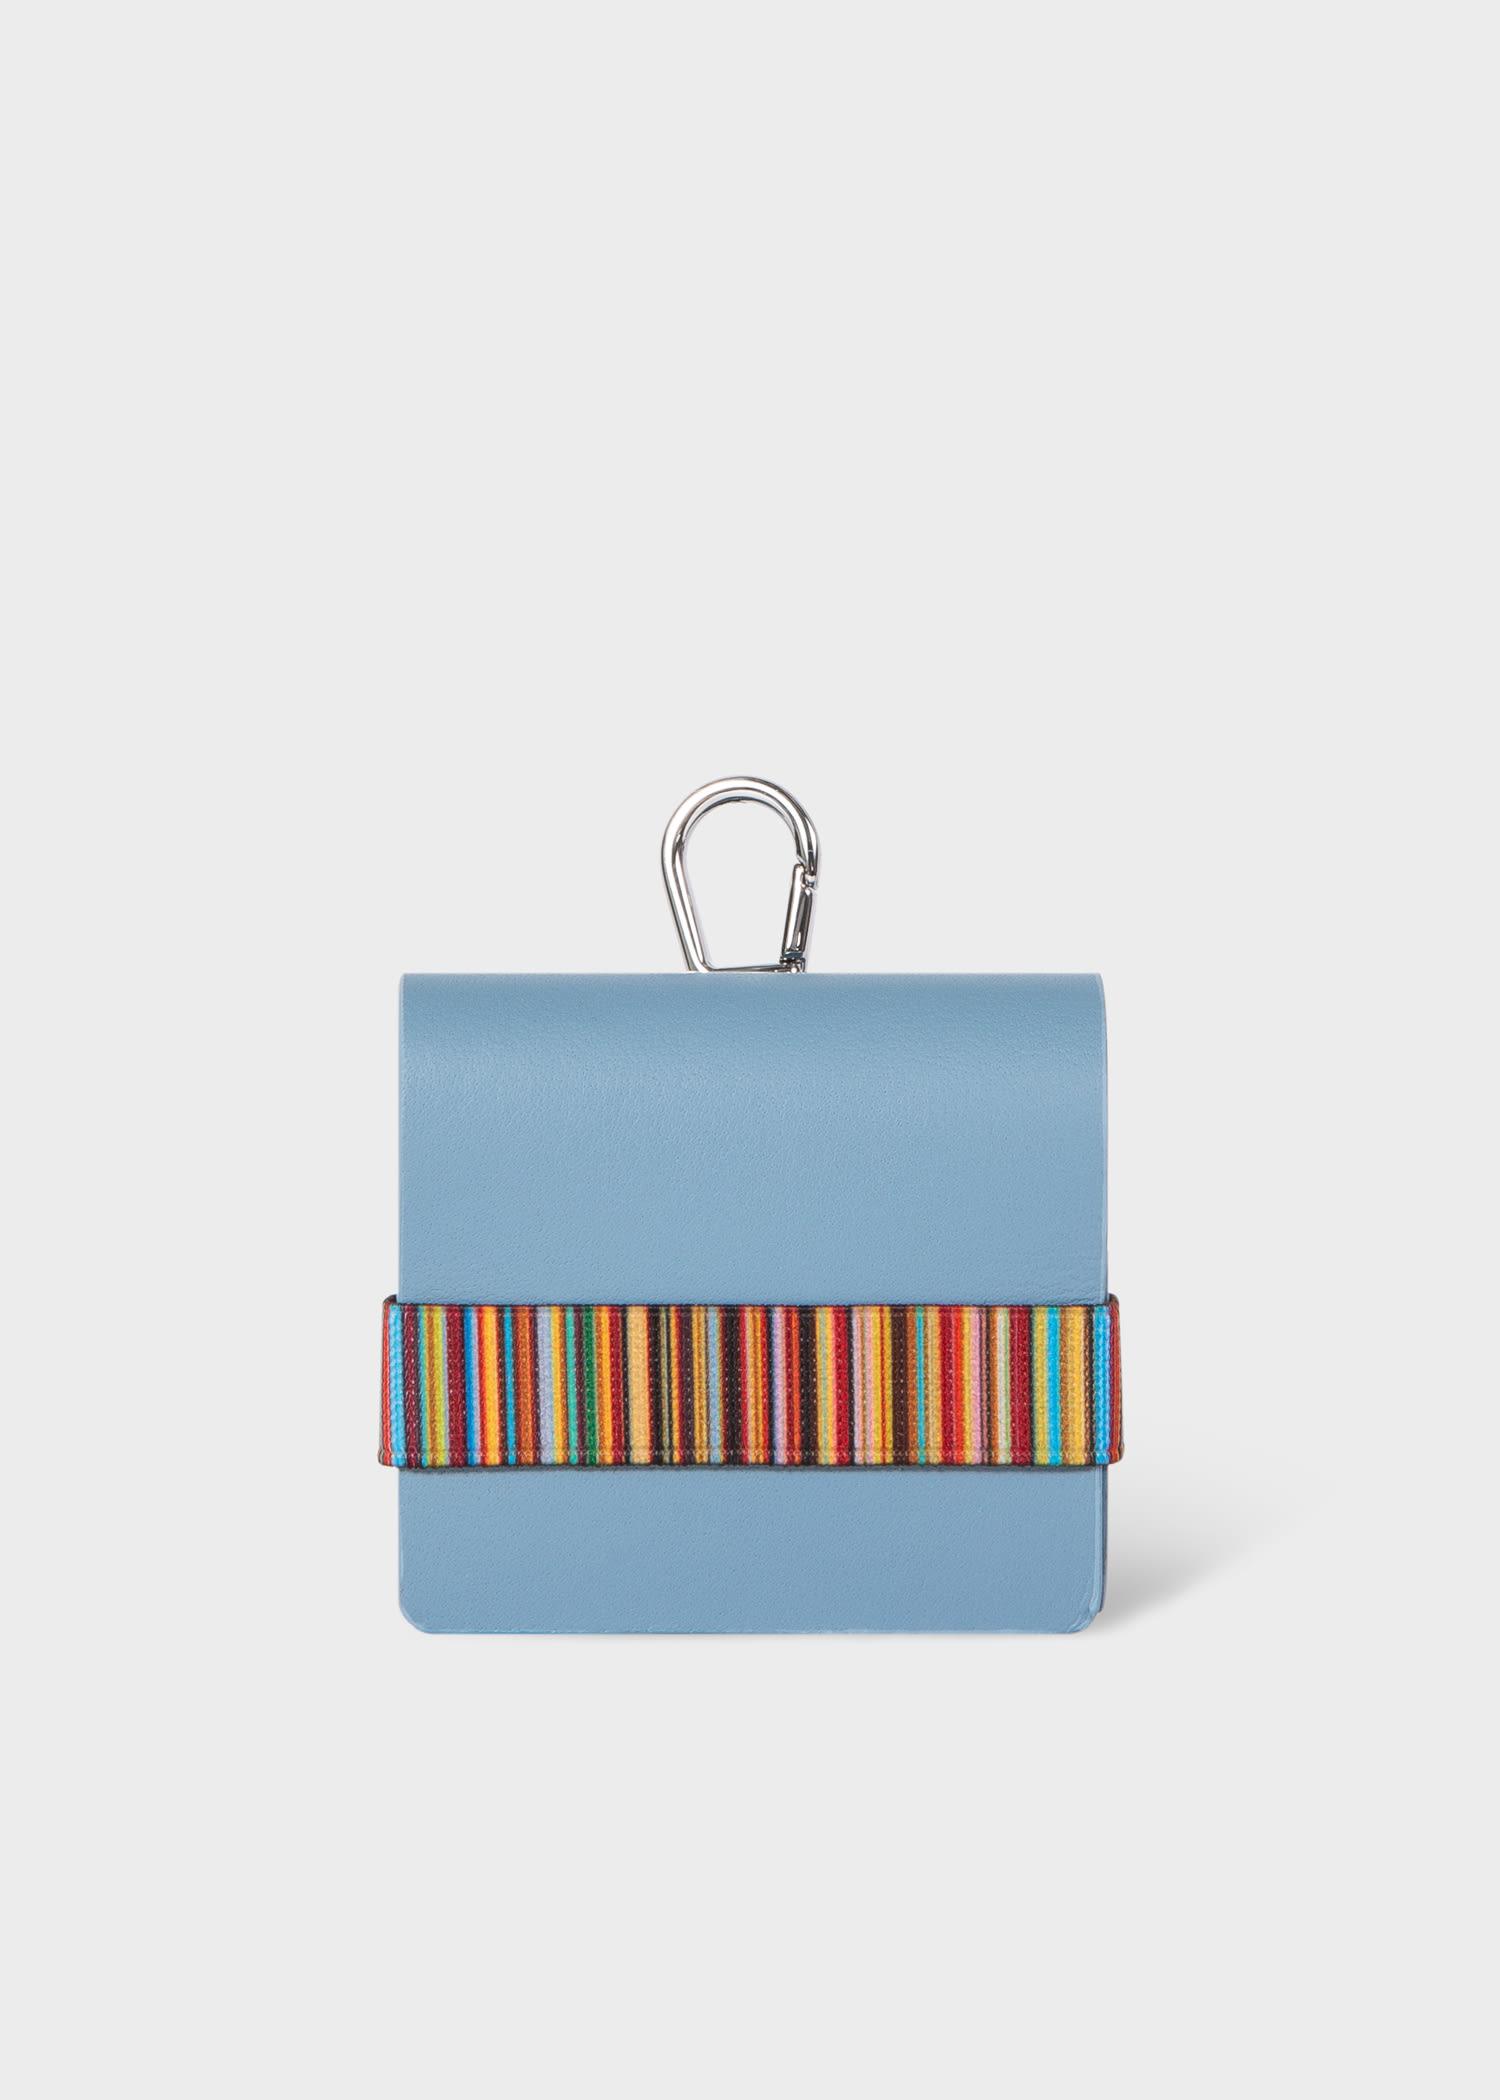 폴 스미스 에어팟 프로 케이스 Paul Smith Powder Blue Leather Signature Stripe AirPod Pro Case